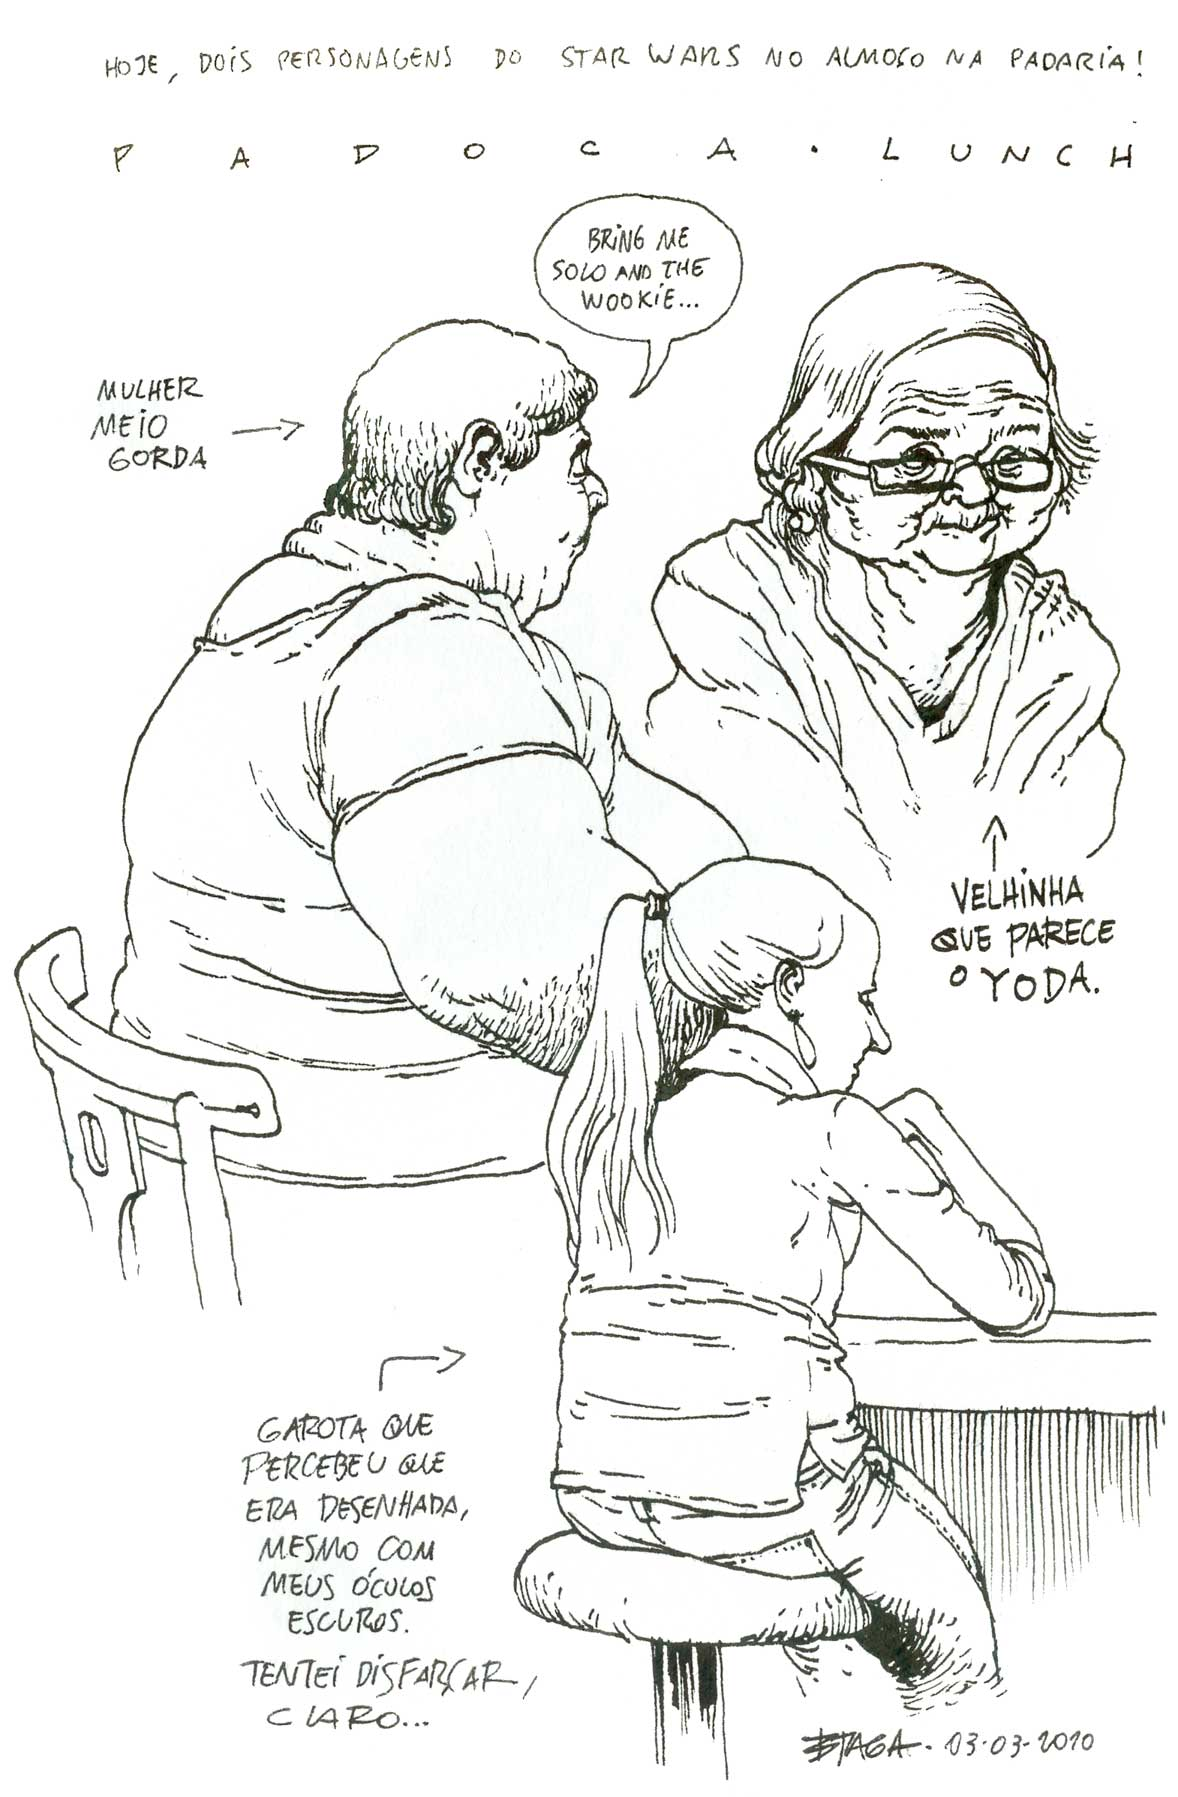 diburros-desenhado-gente-01